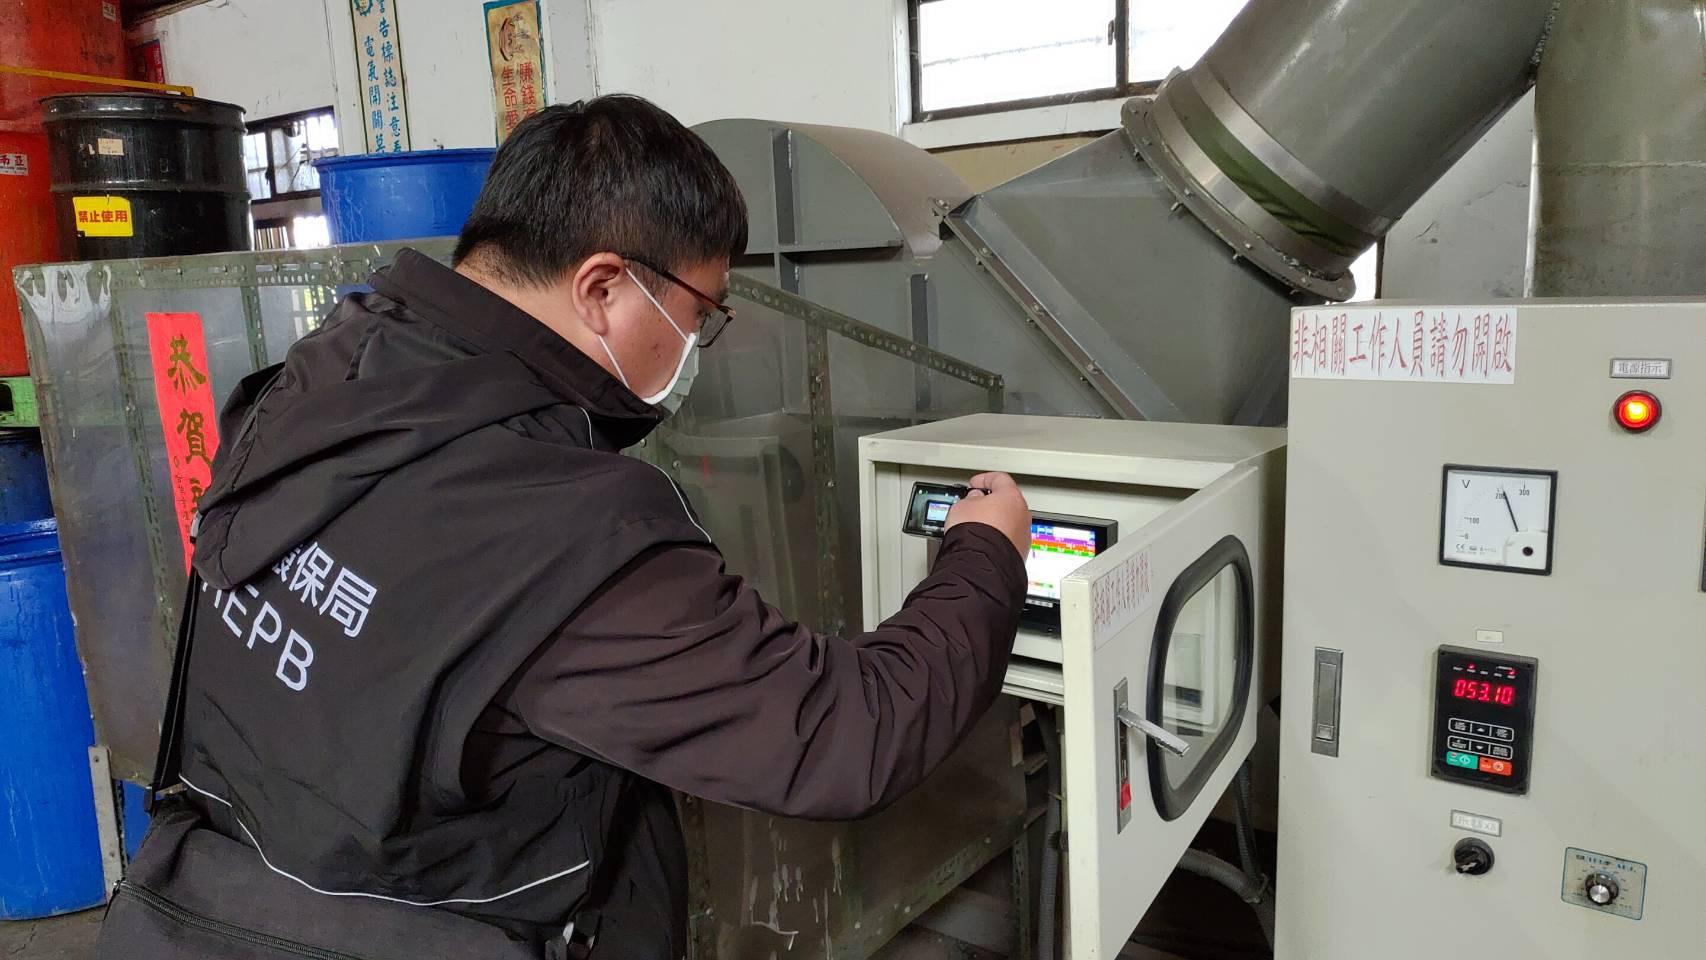 彰化縣執行空品不良應變作業 查獲違法工廠並依法告發處分